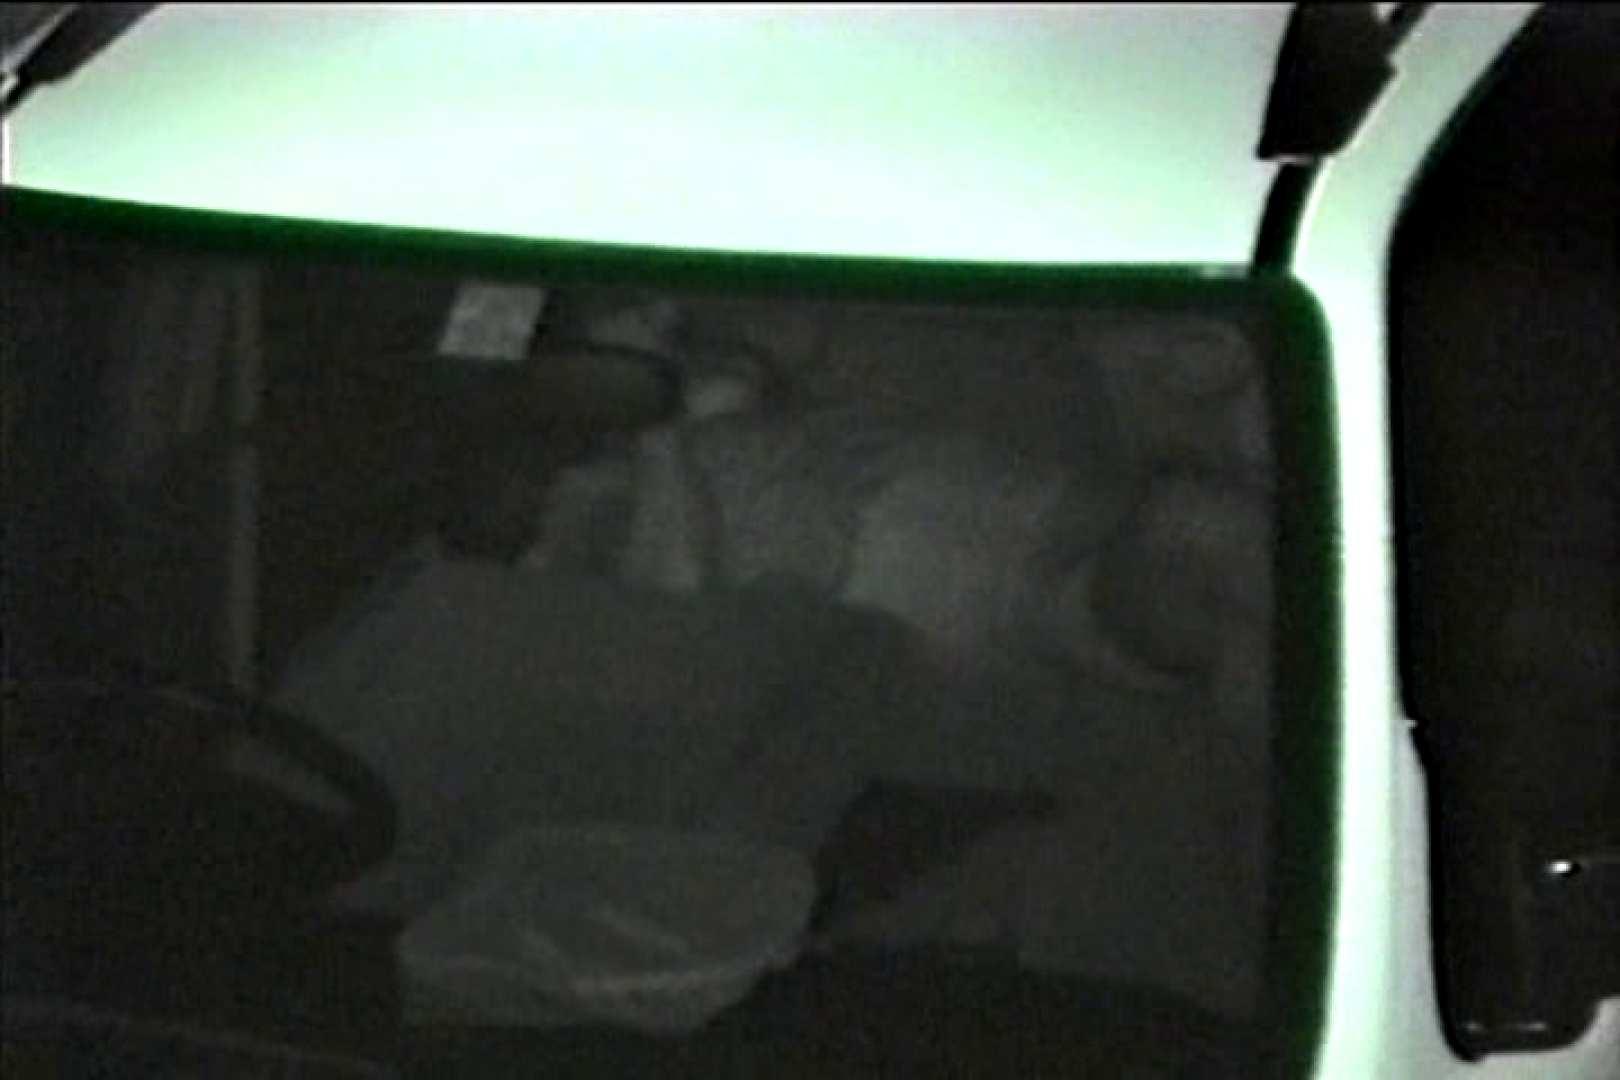 車の中はラブホテル 無修正版  Vol.7 人気シリーズ 覗きおまんこ画像 84pic 46